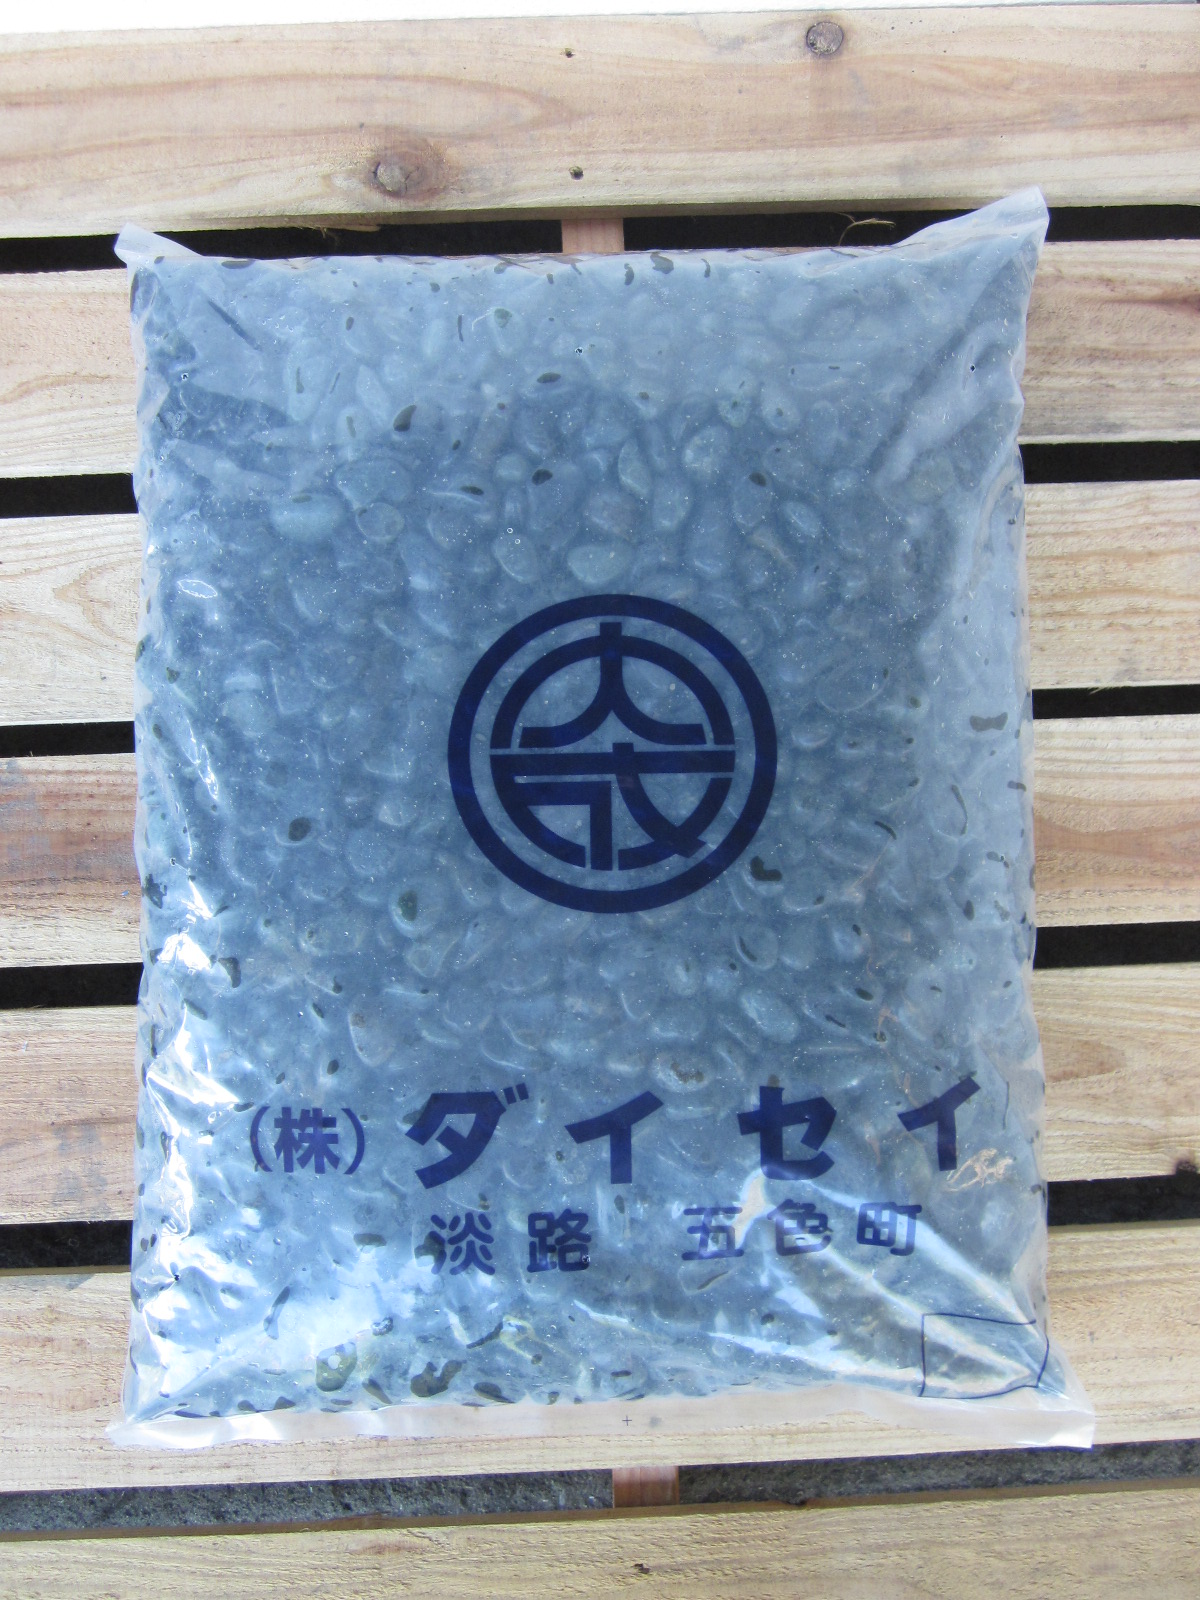 那智石(黒玉砂利)磨20kg袋 6サイズ(9mm〜50mmまで)